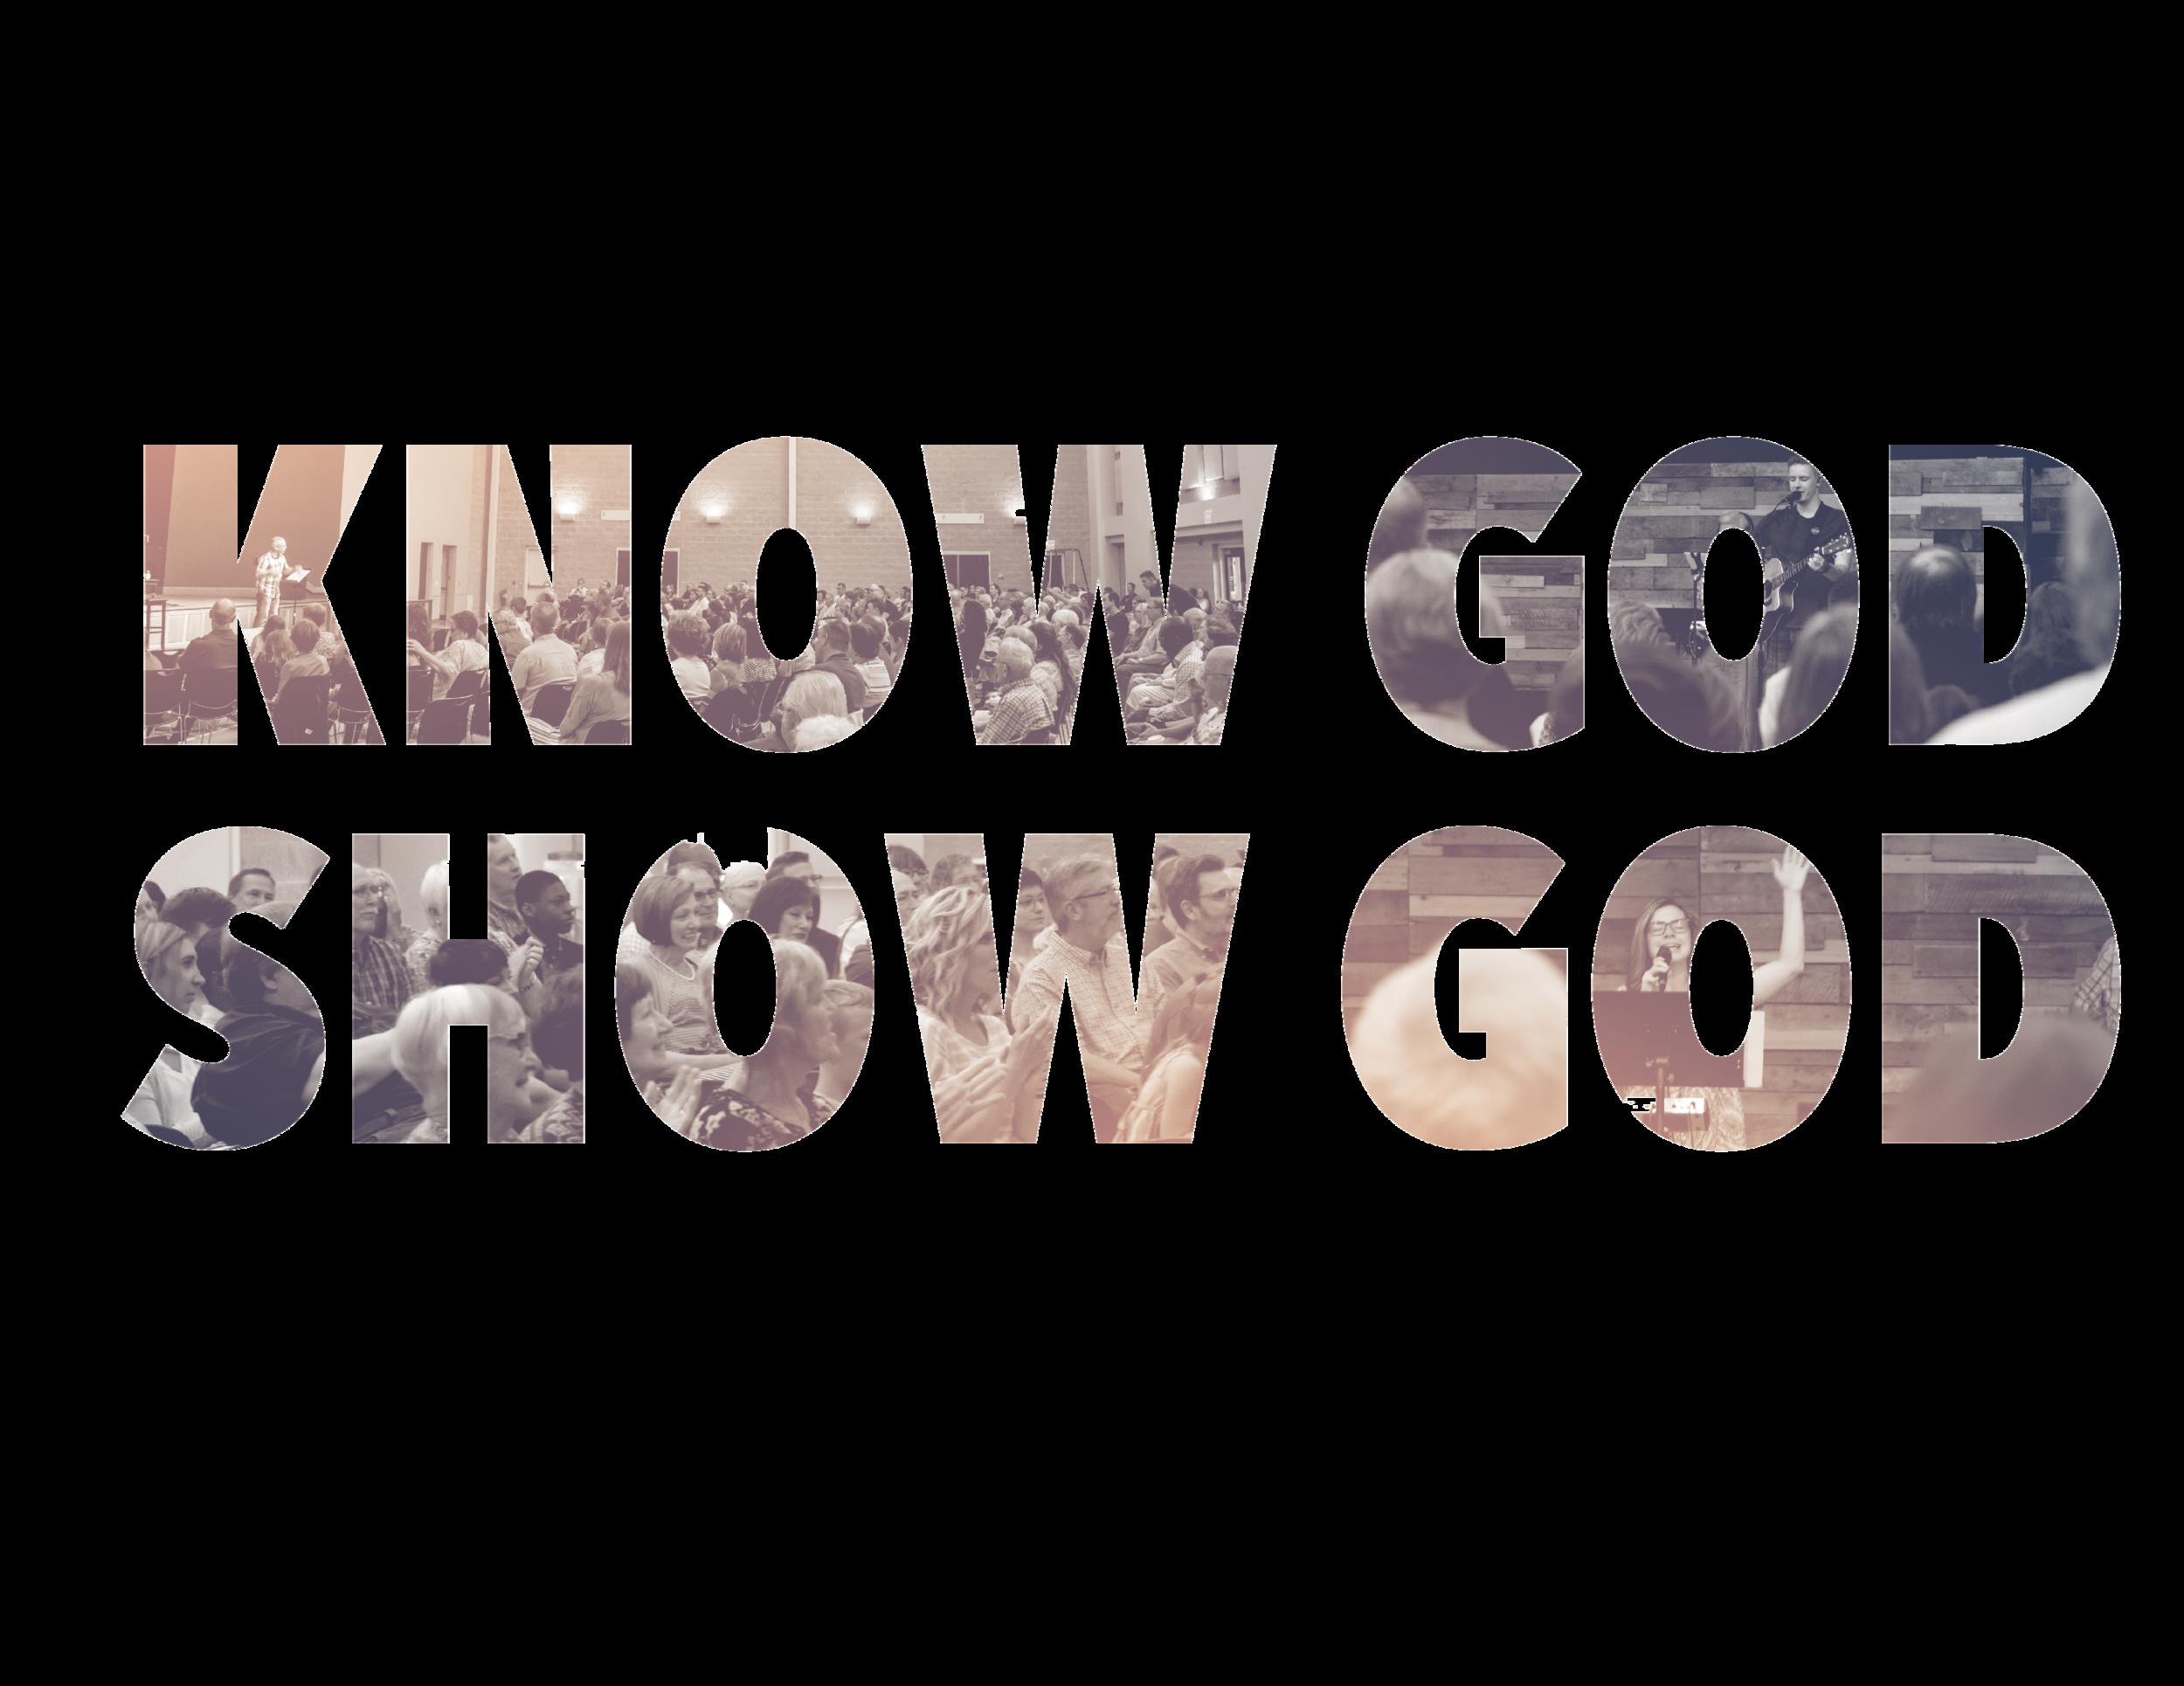 KnowGod_ShowGod.png